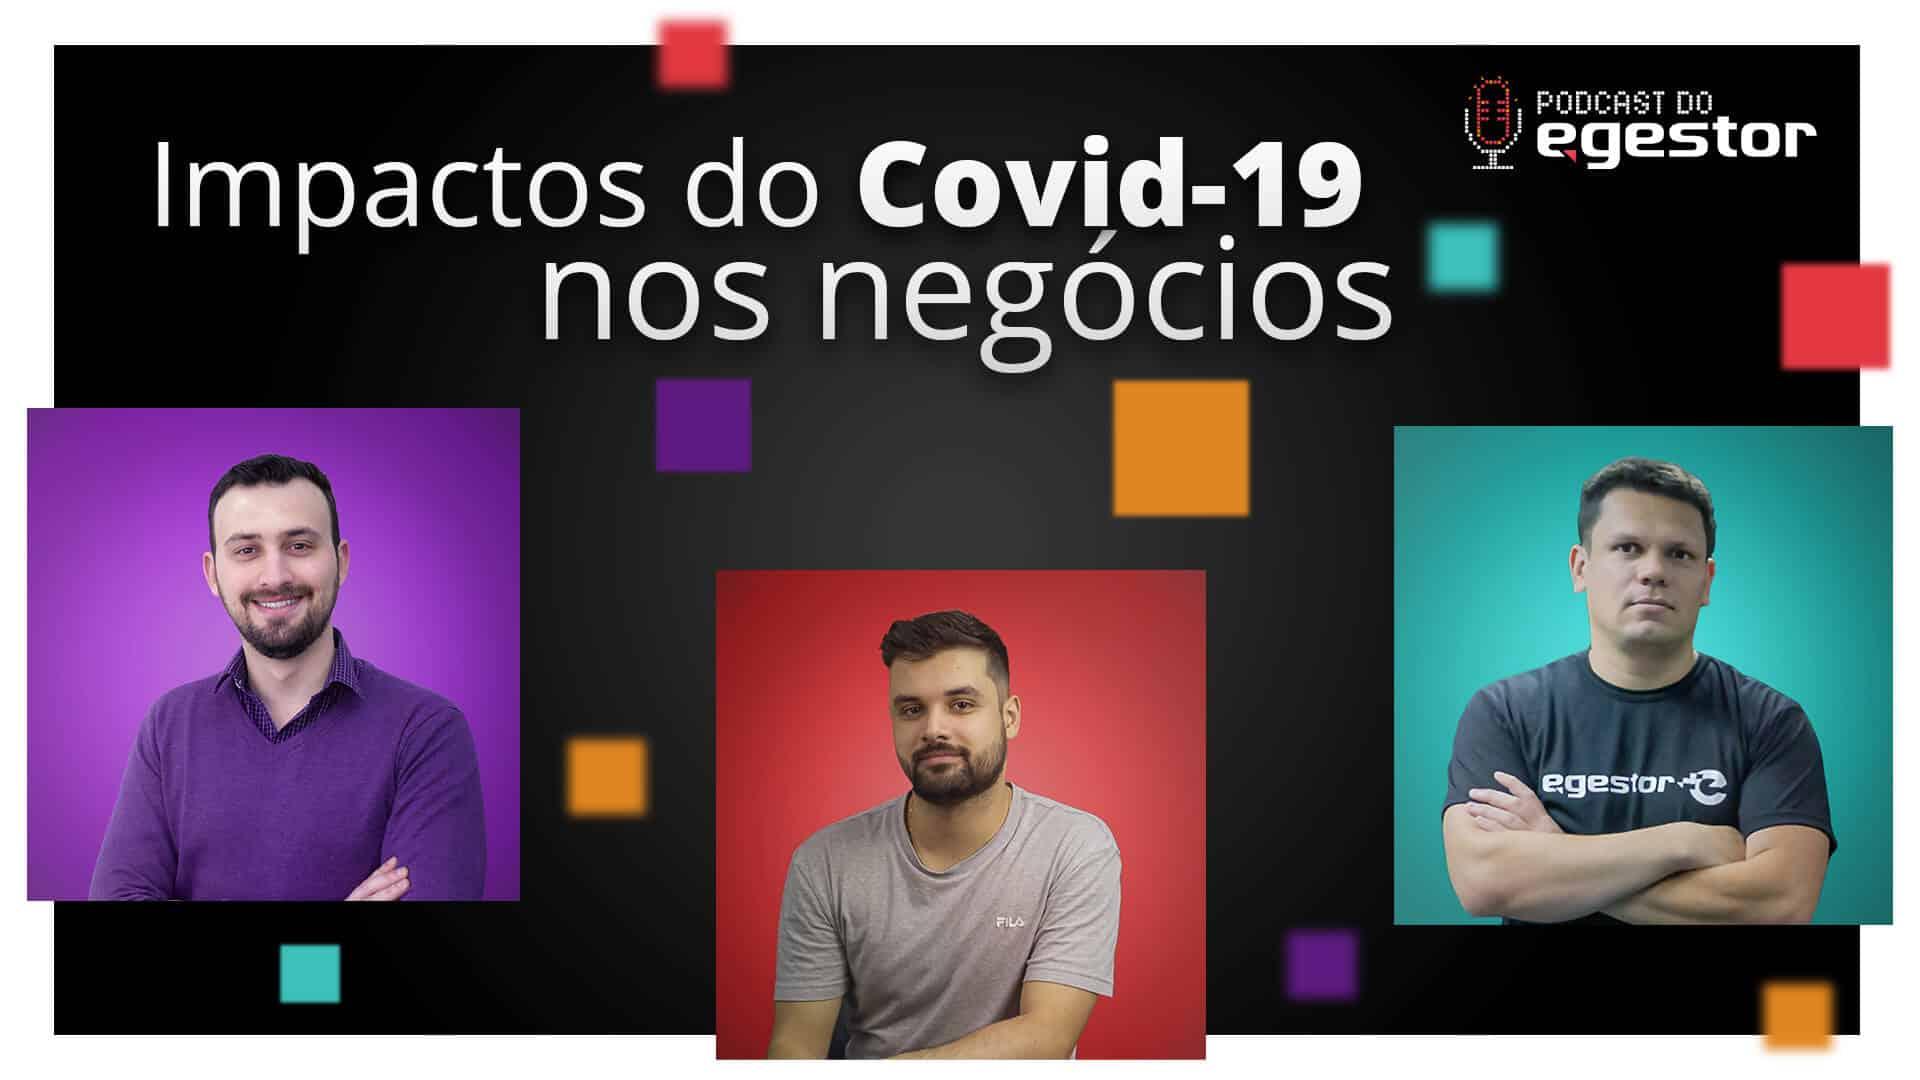 Impactos do Covid-19 nos negócios